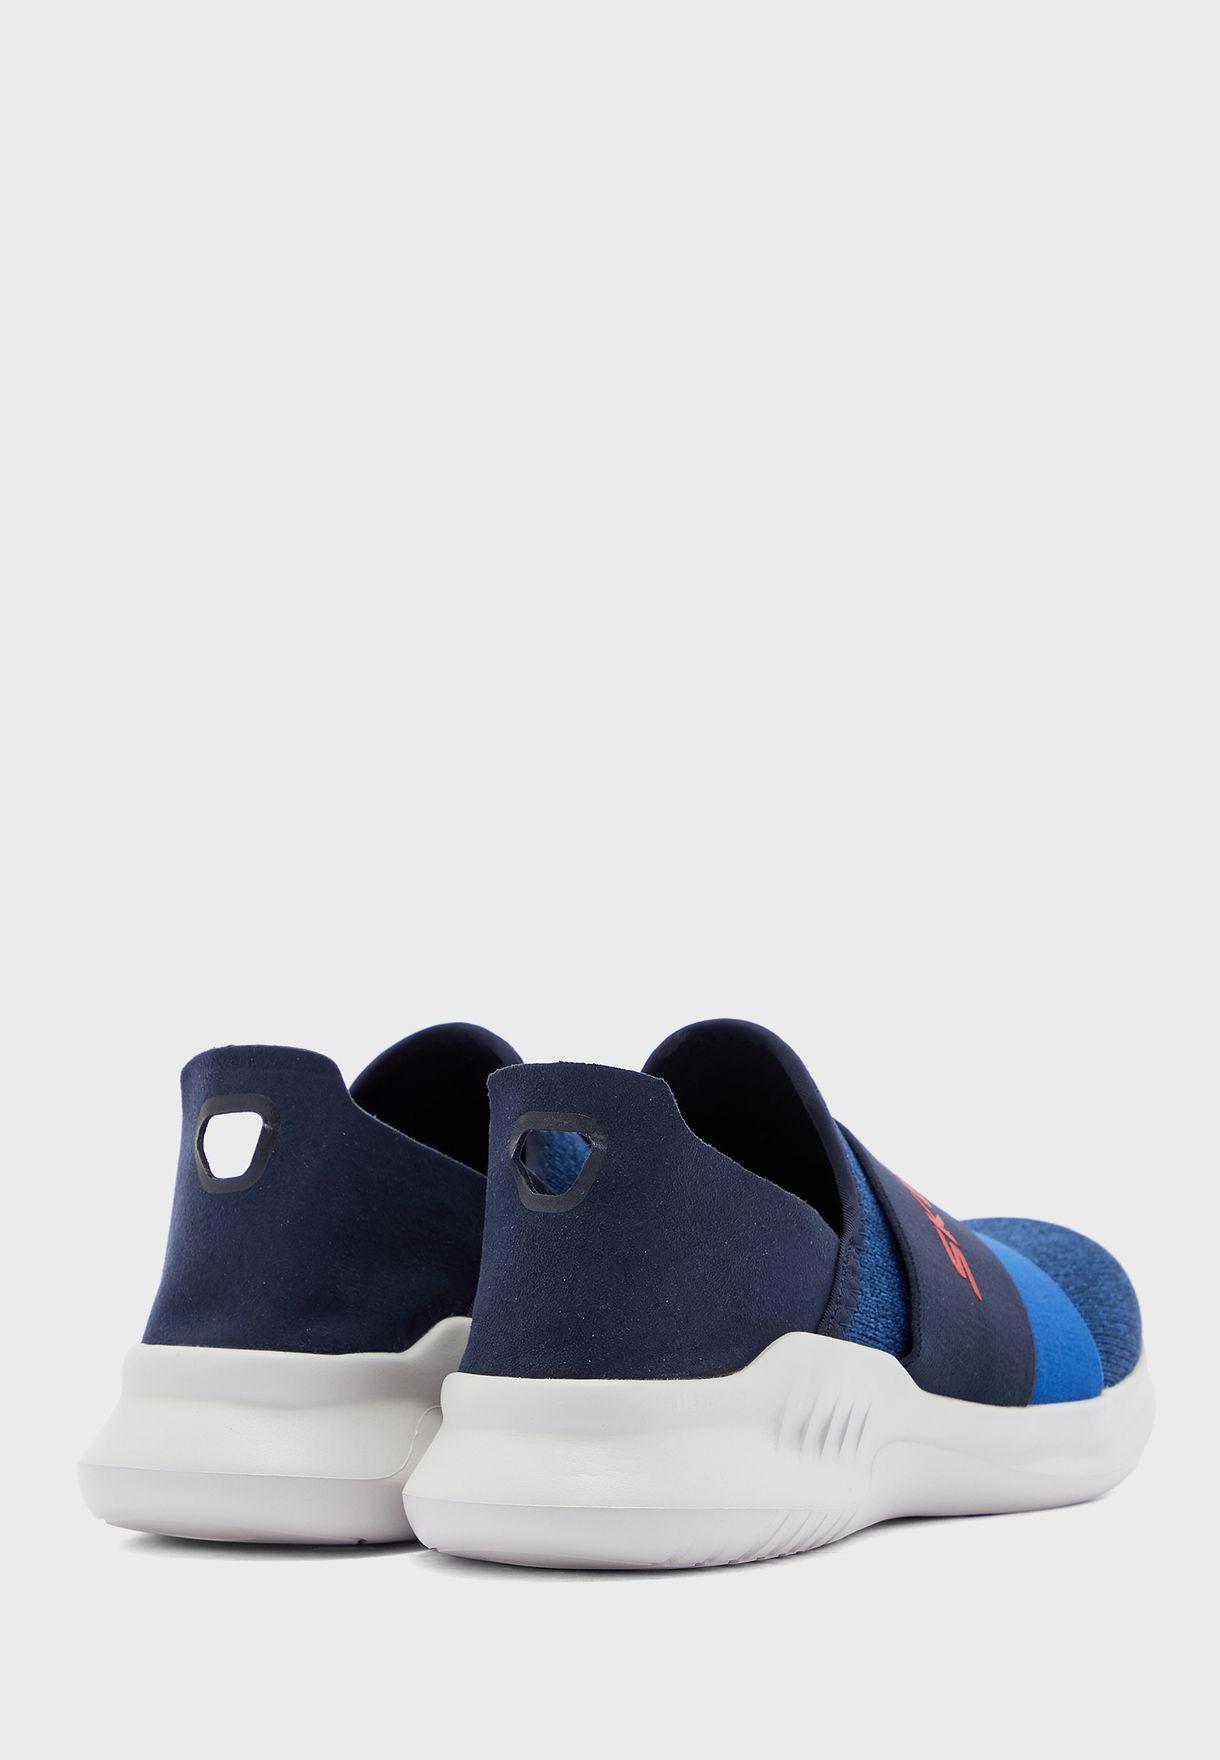 حذاء جو رن موجو 2.0